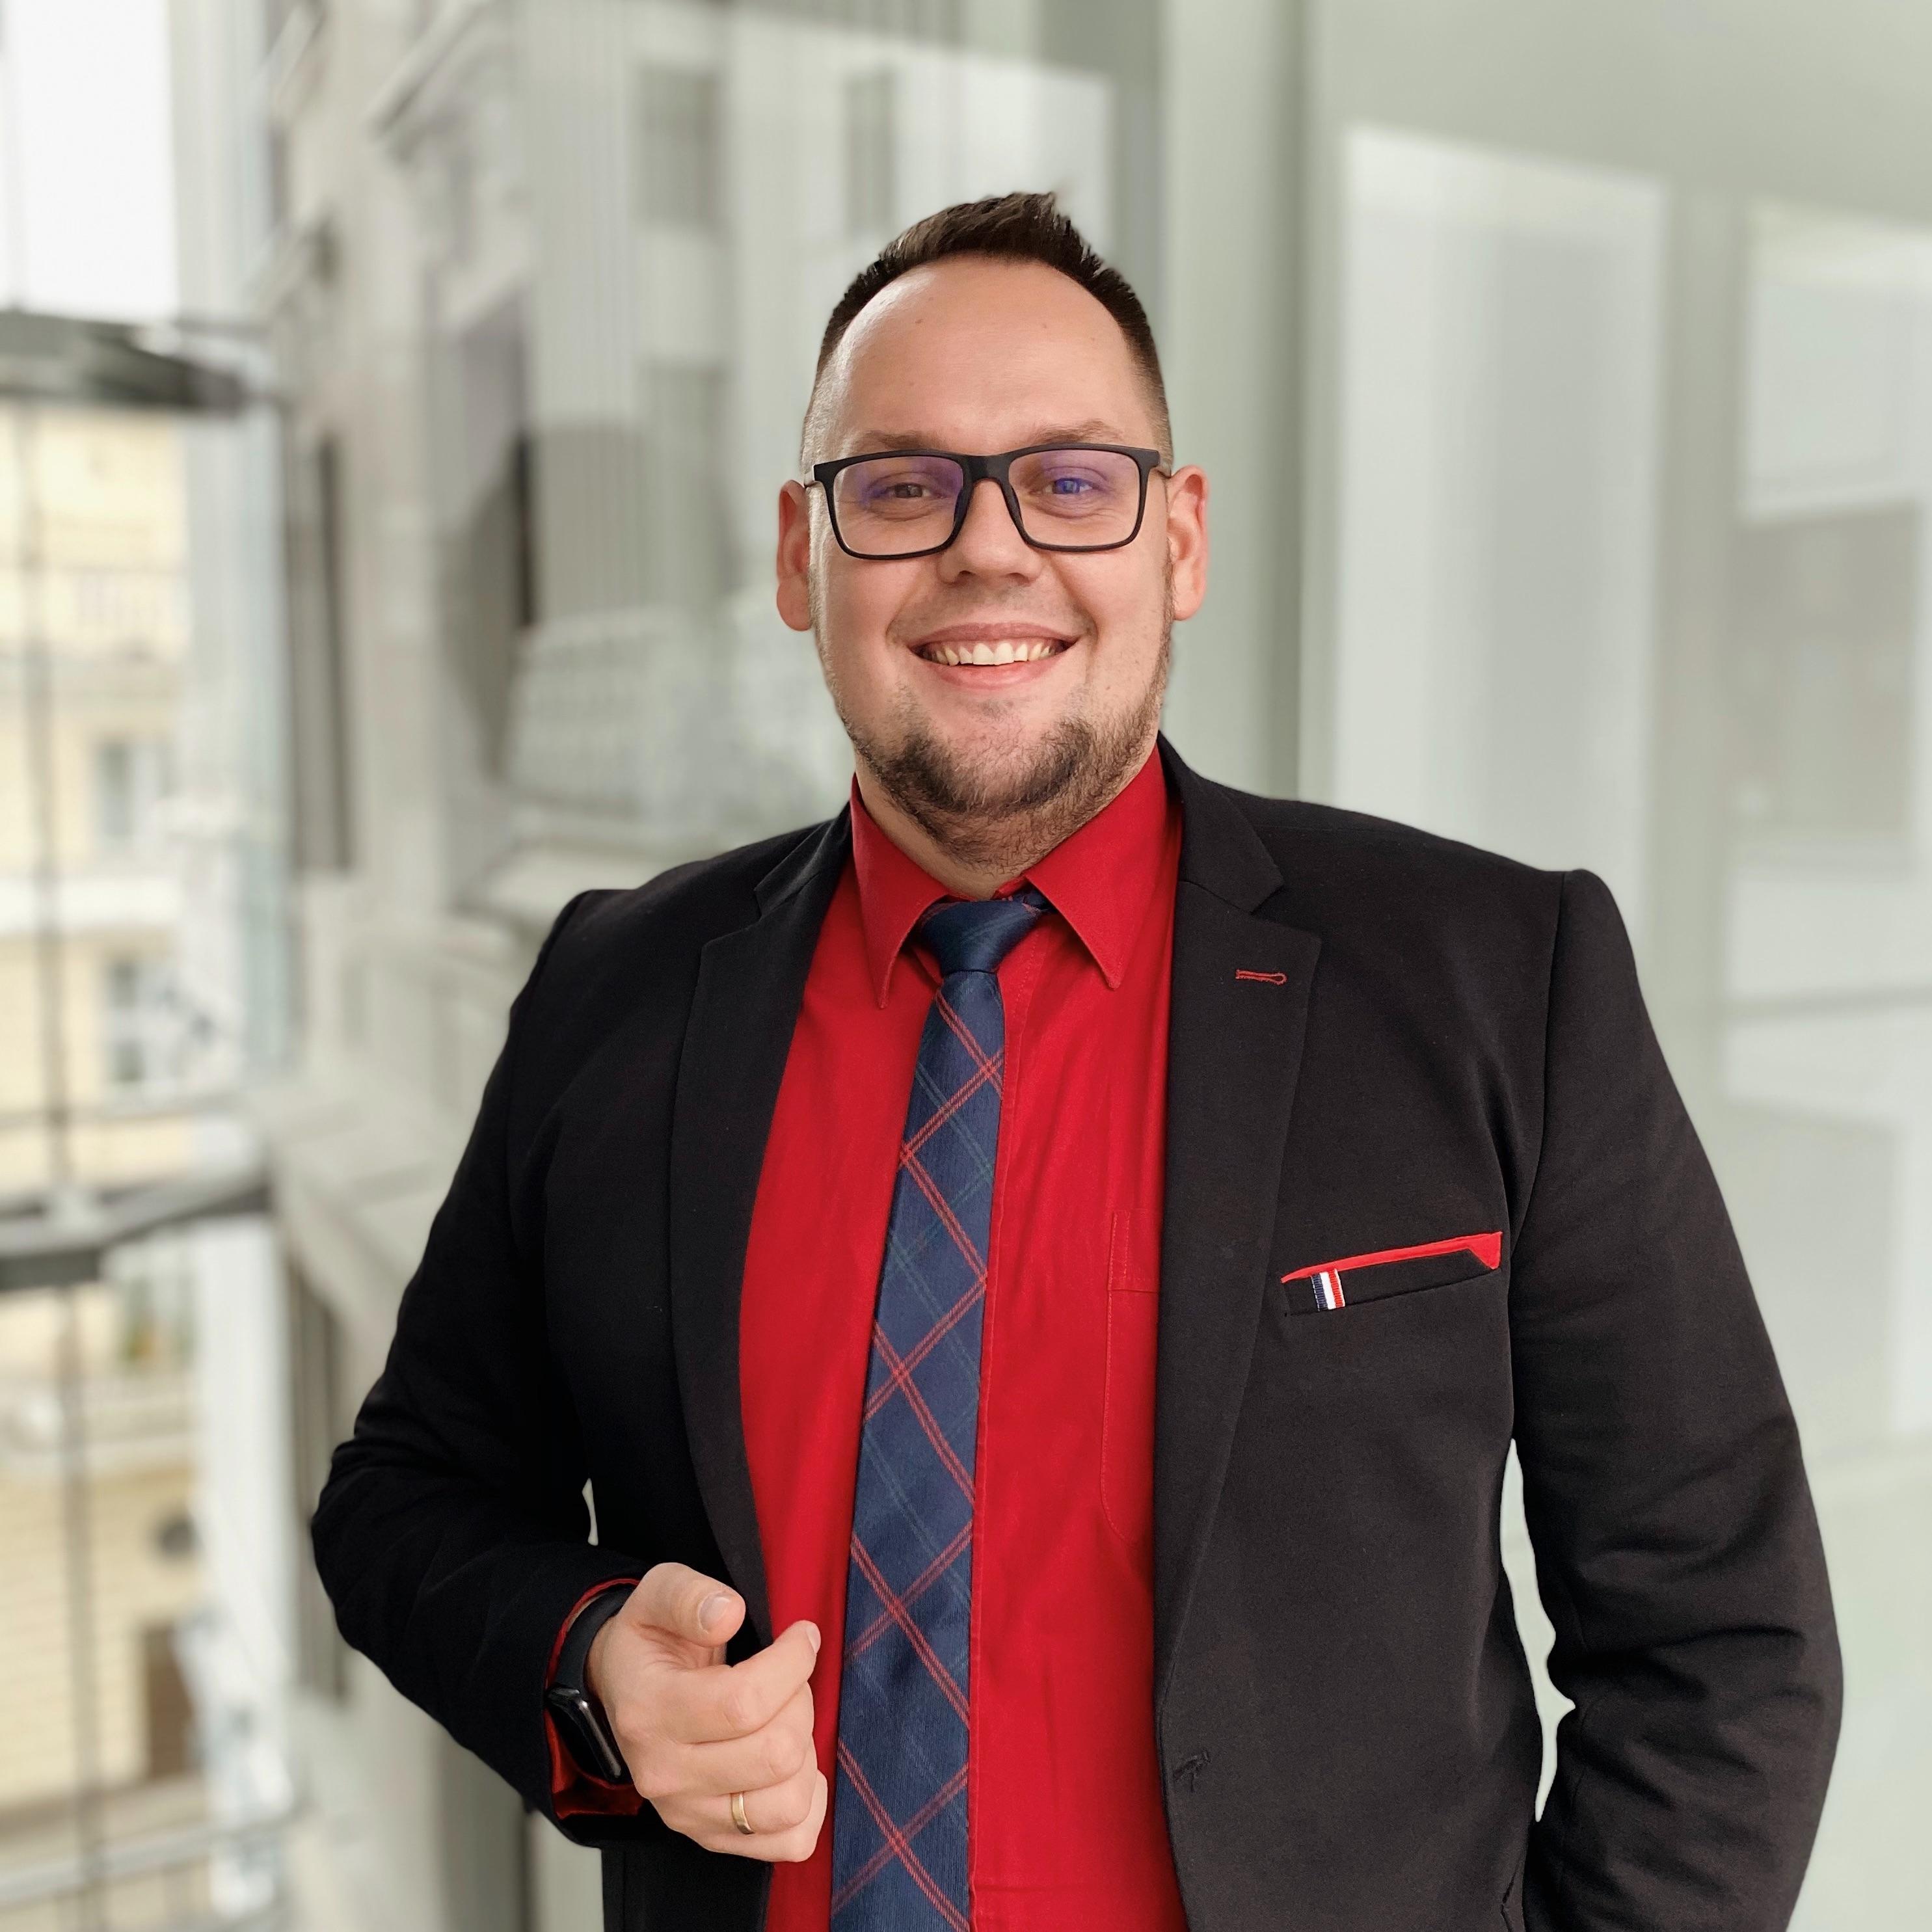 Przemyslaw Chmielecki